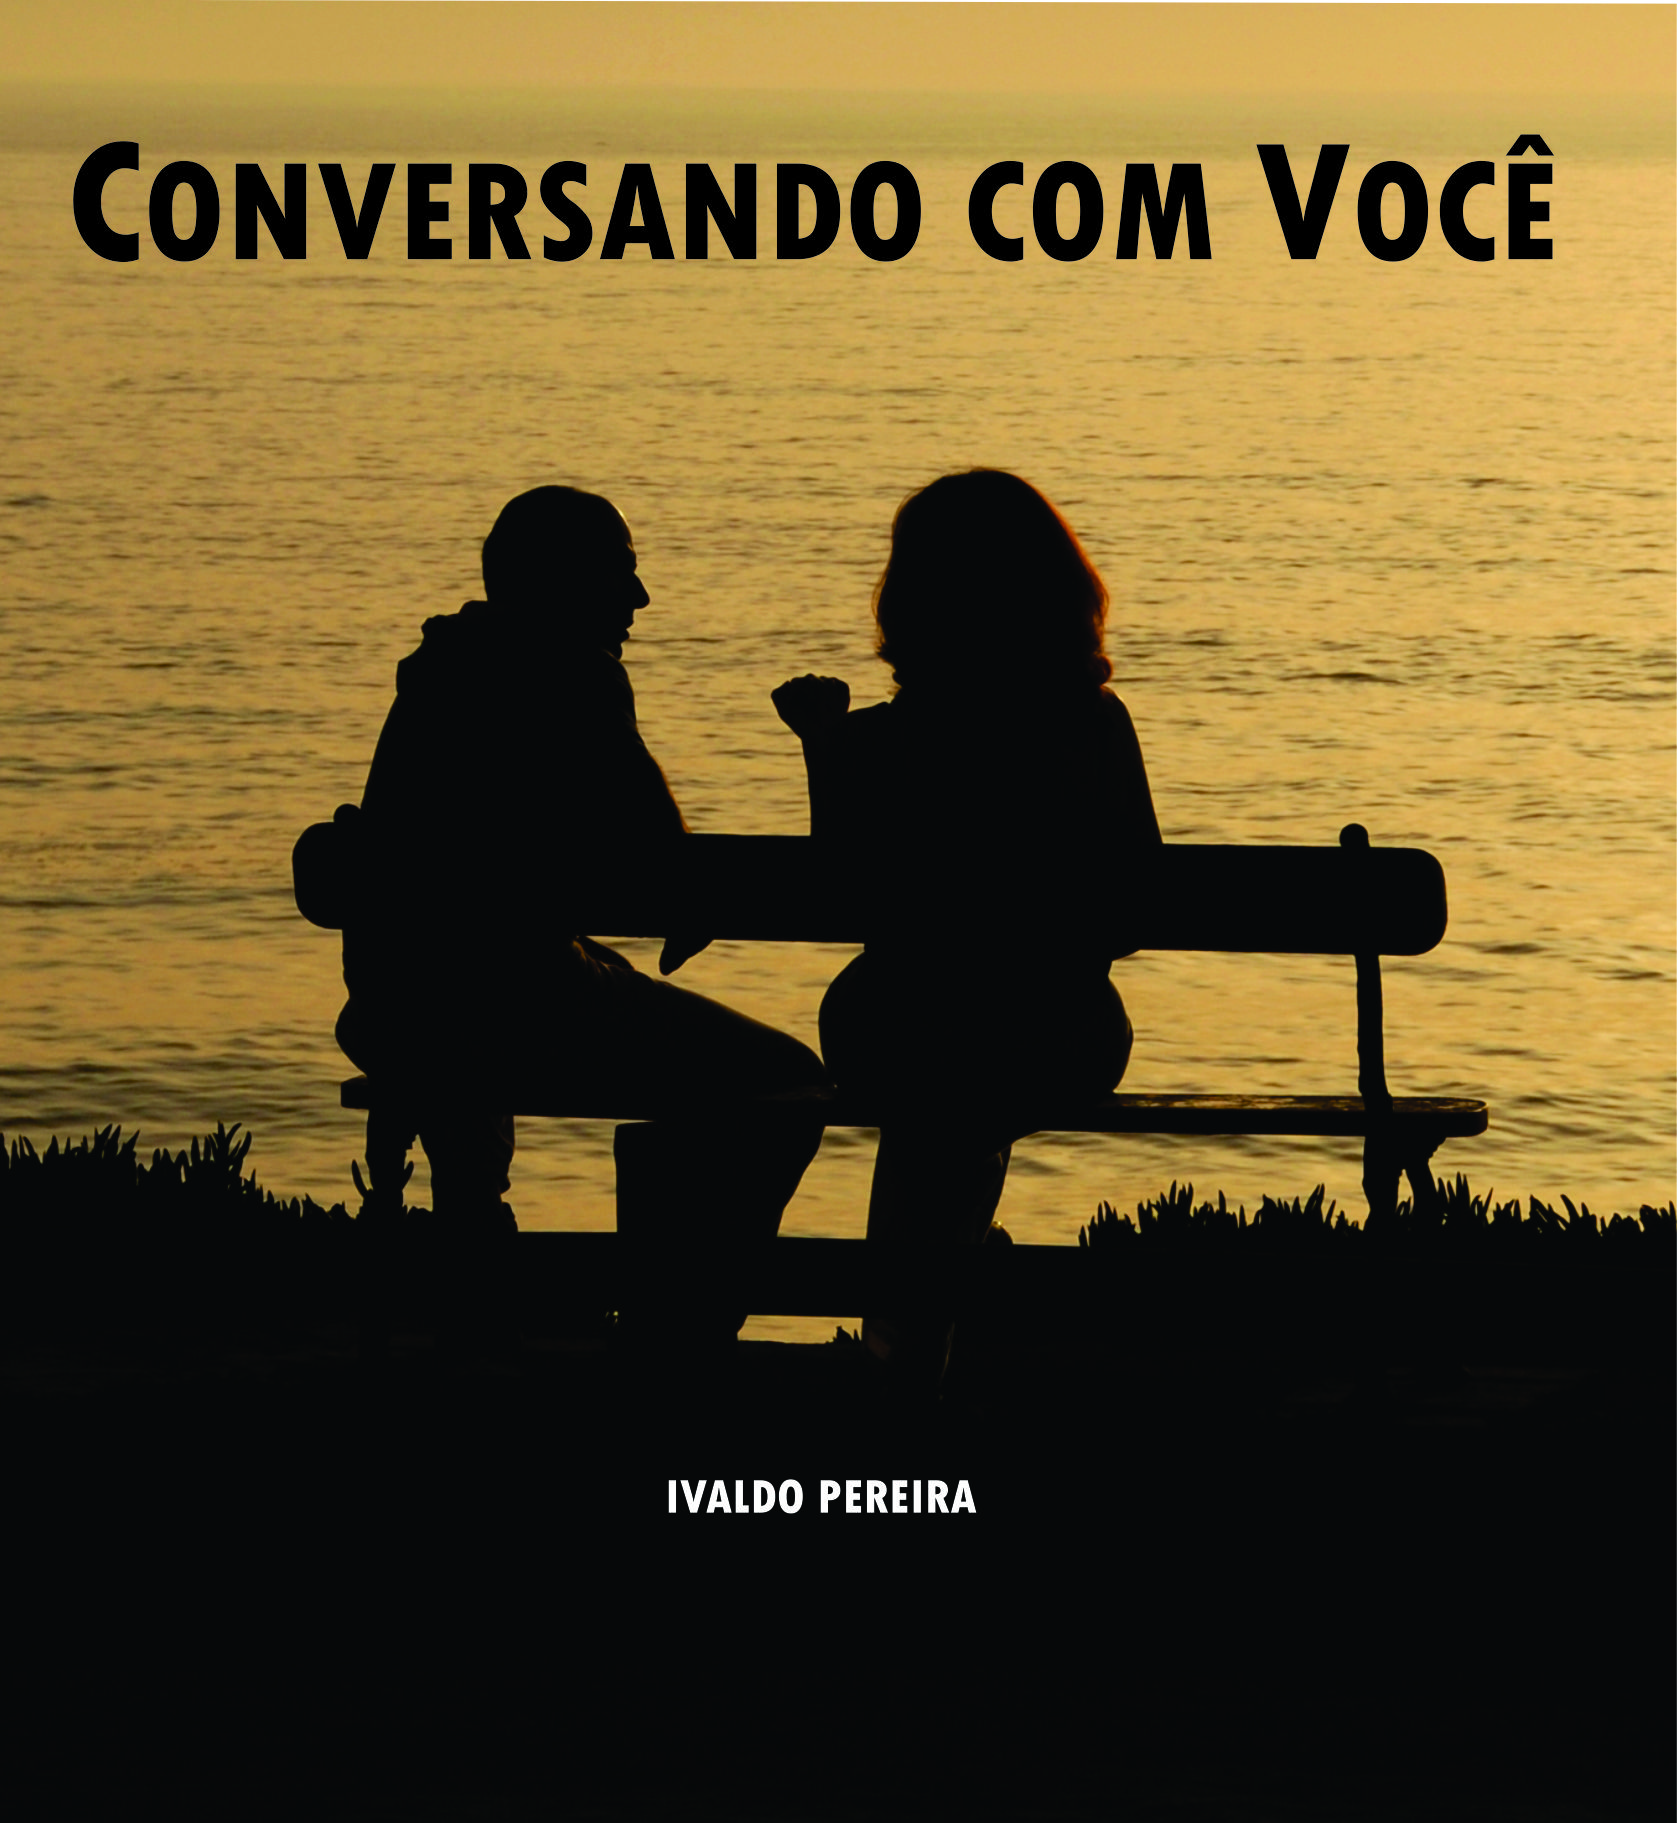 Conversando com você – Ivaldo Pereira e equipe